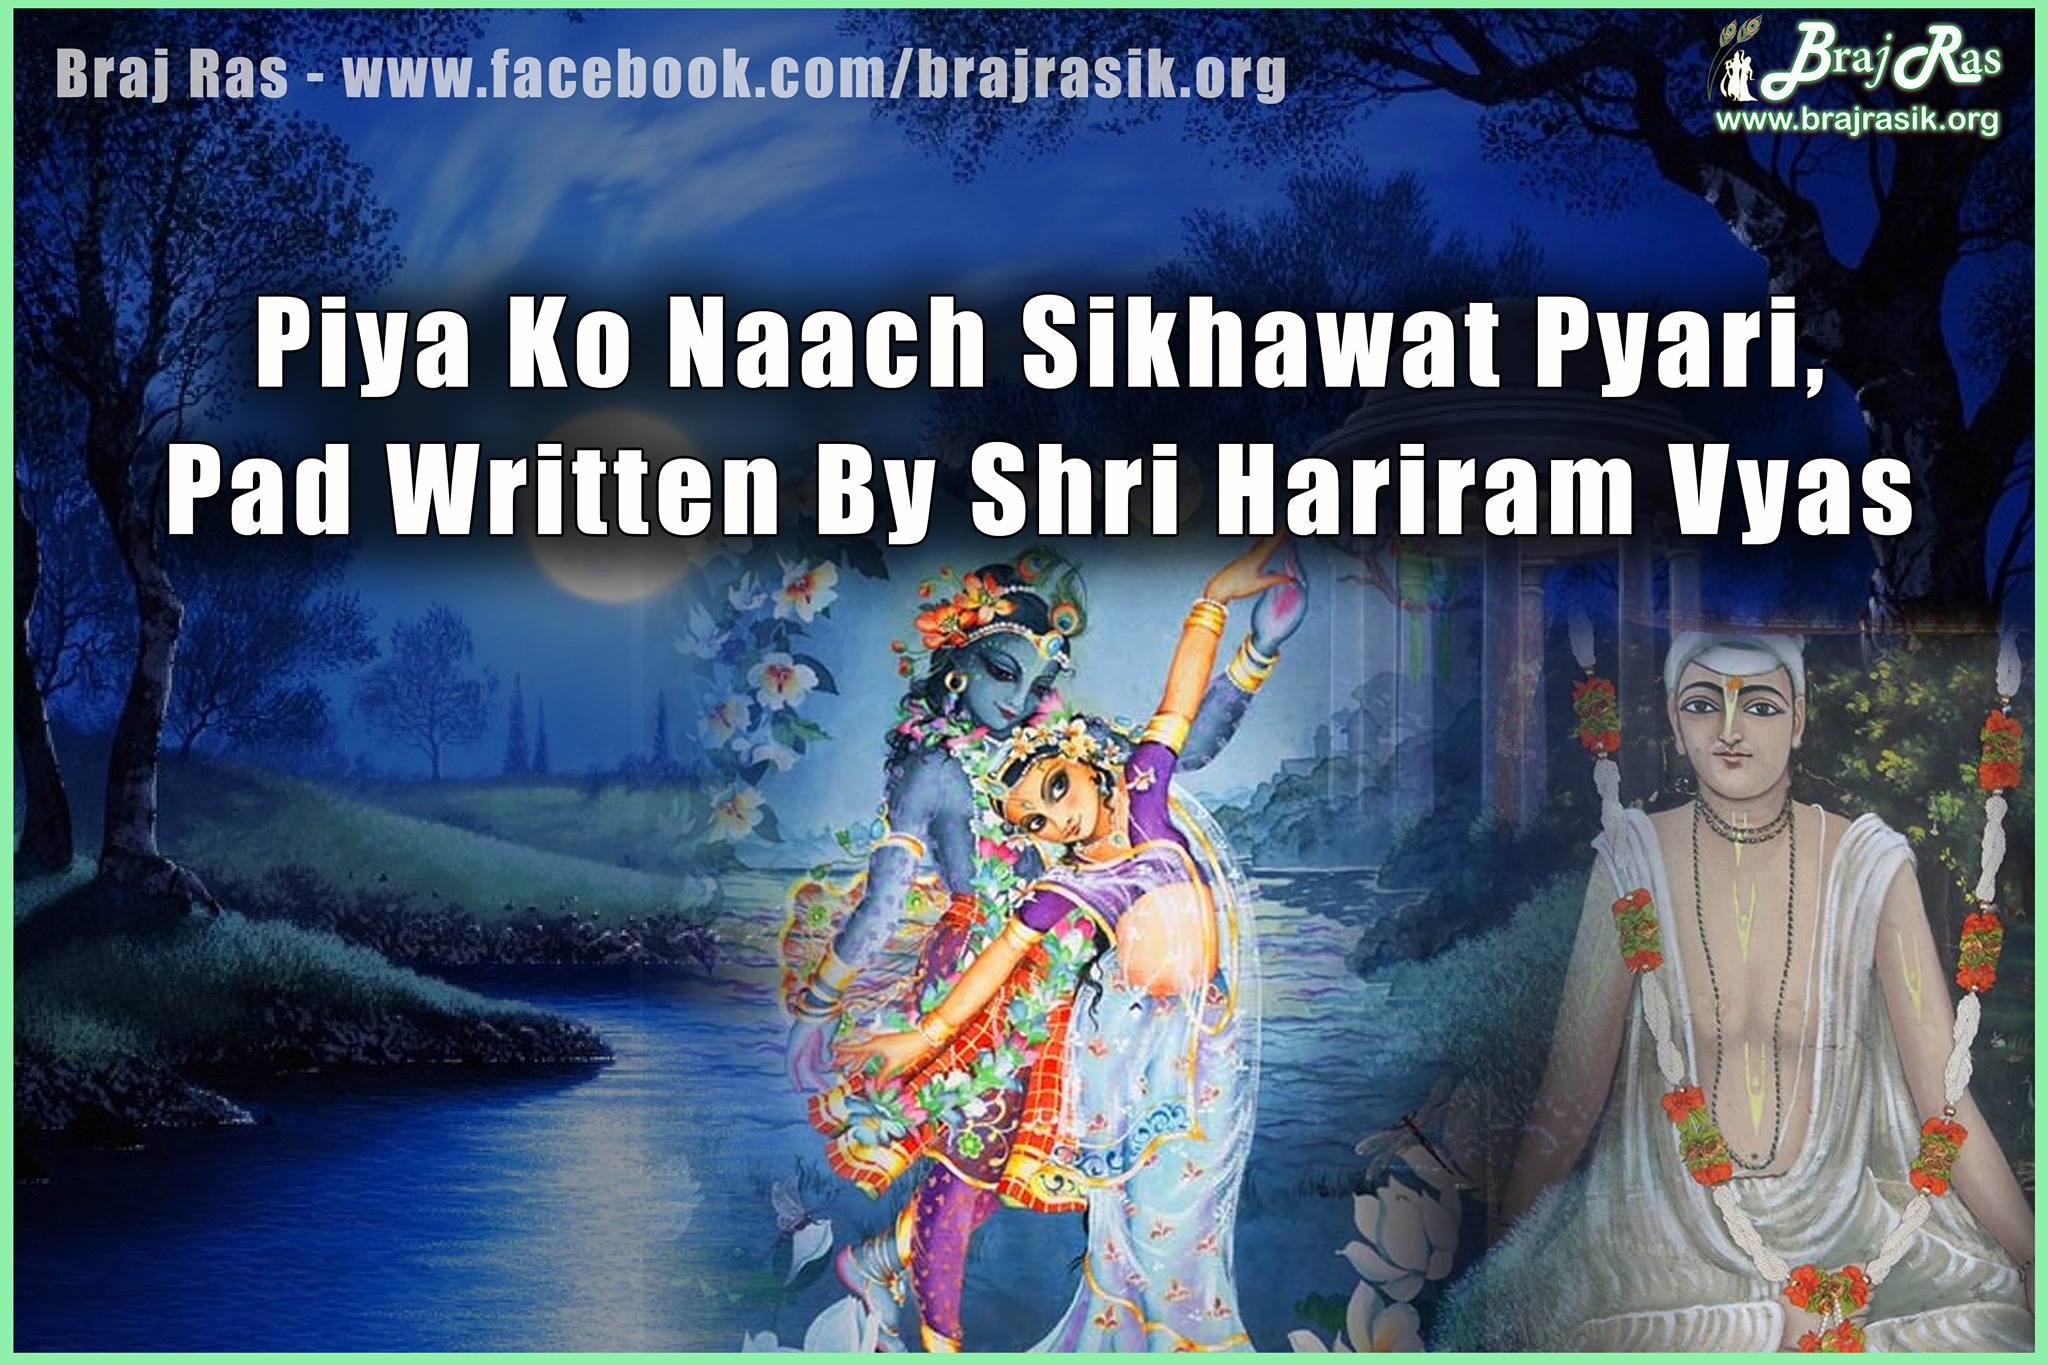 Piya Ko Naach Sikhawat Pyari, Pad Written By Shri Hariram Vyas